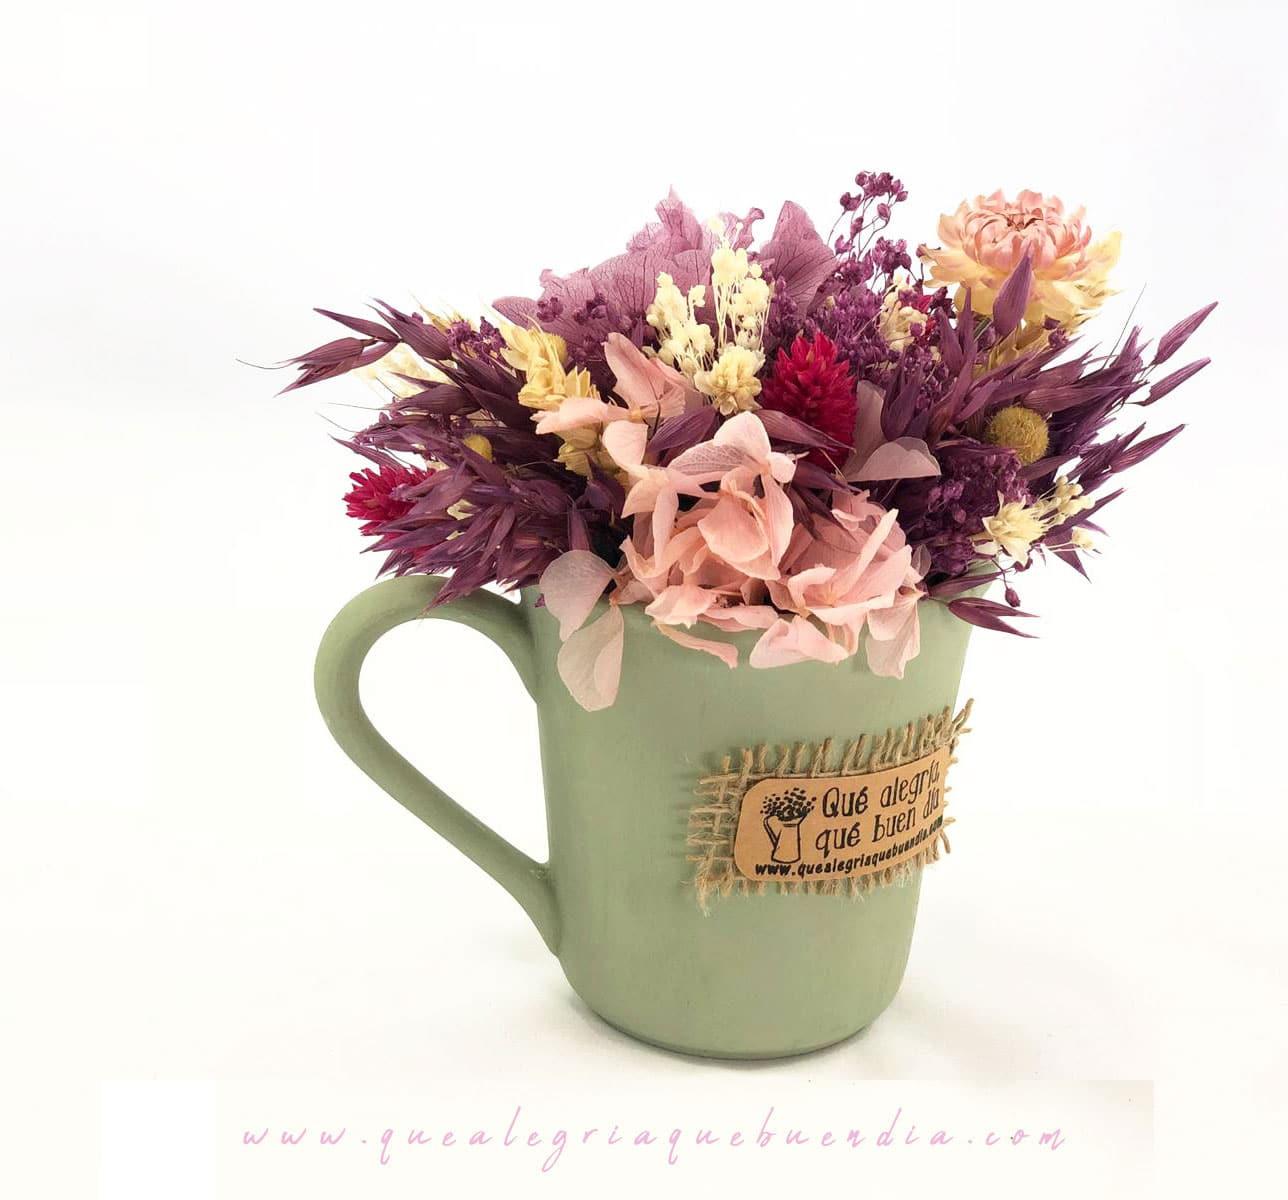 Centro De Flores Qué Alegría Qué Buen Día